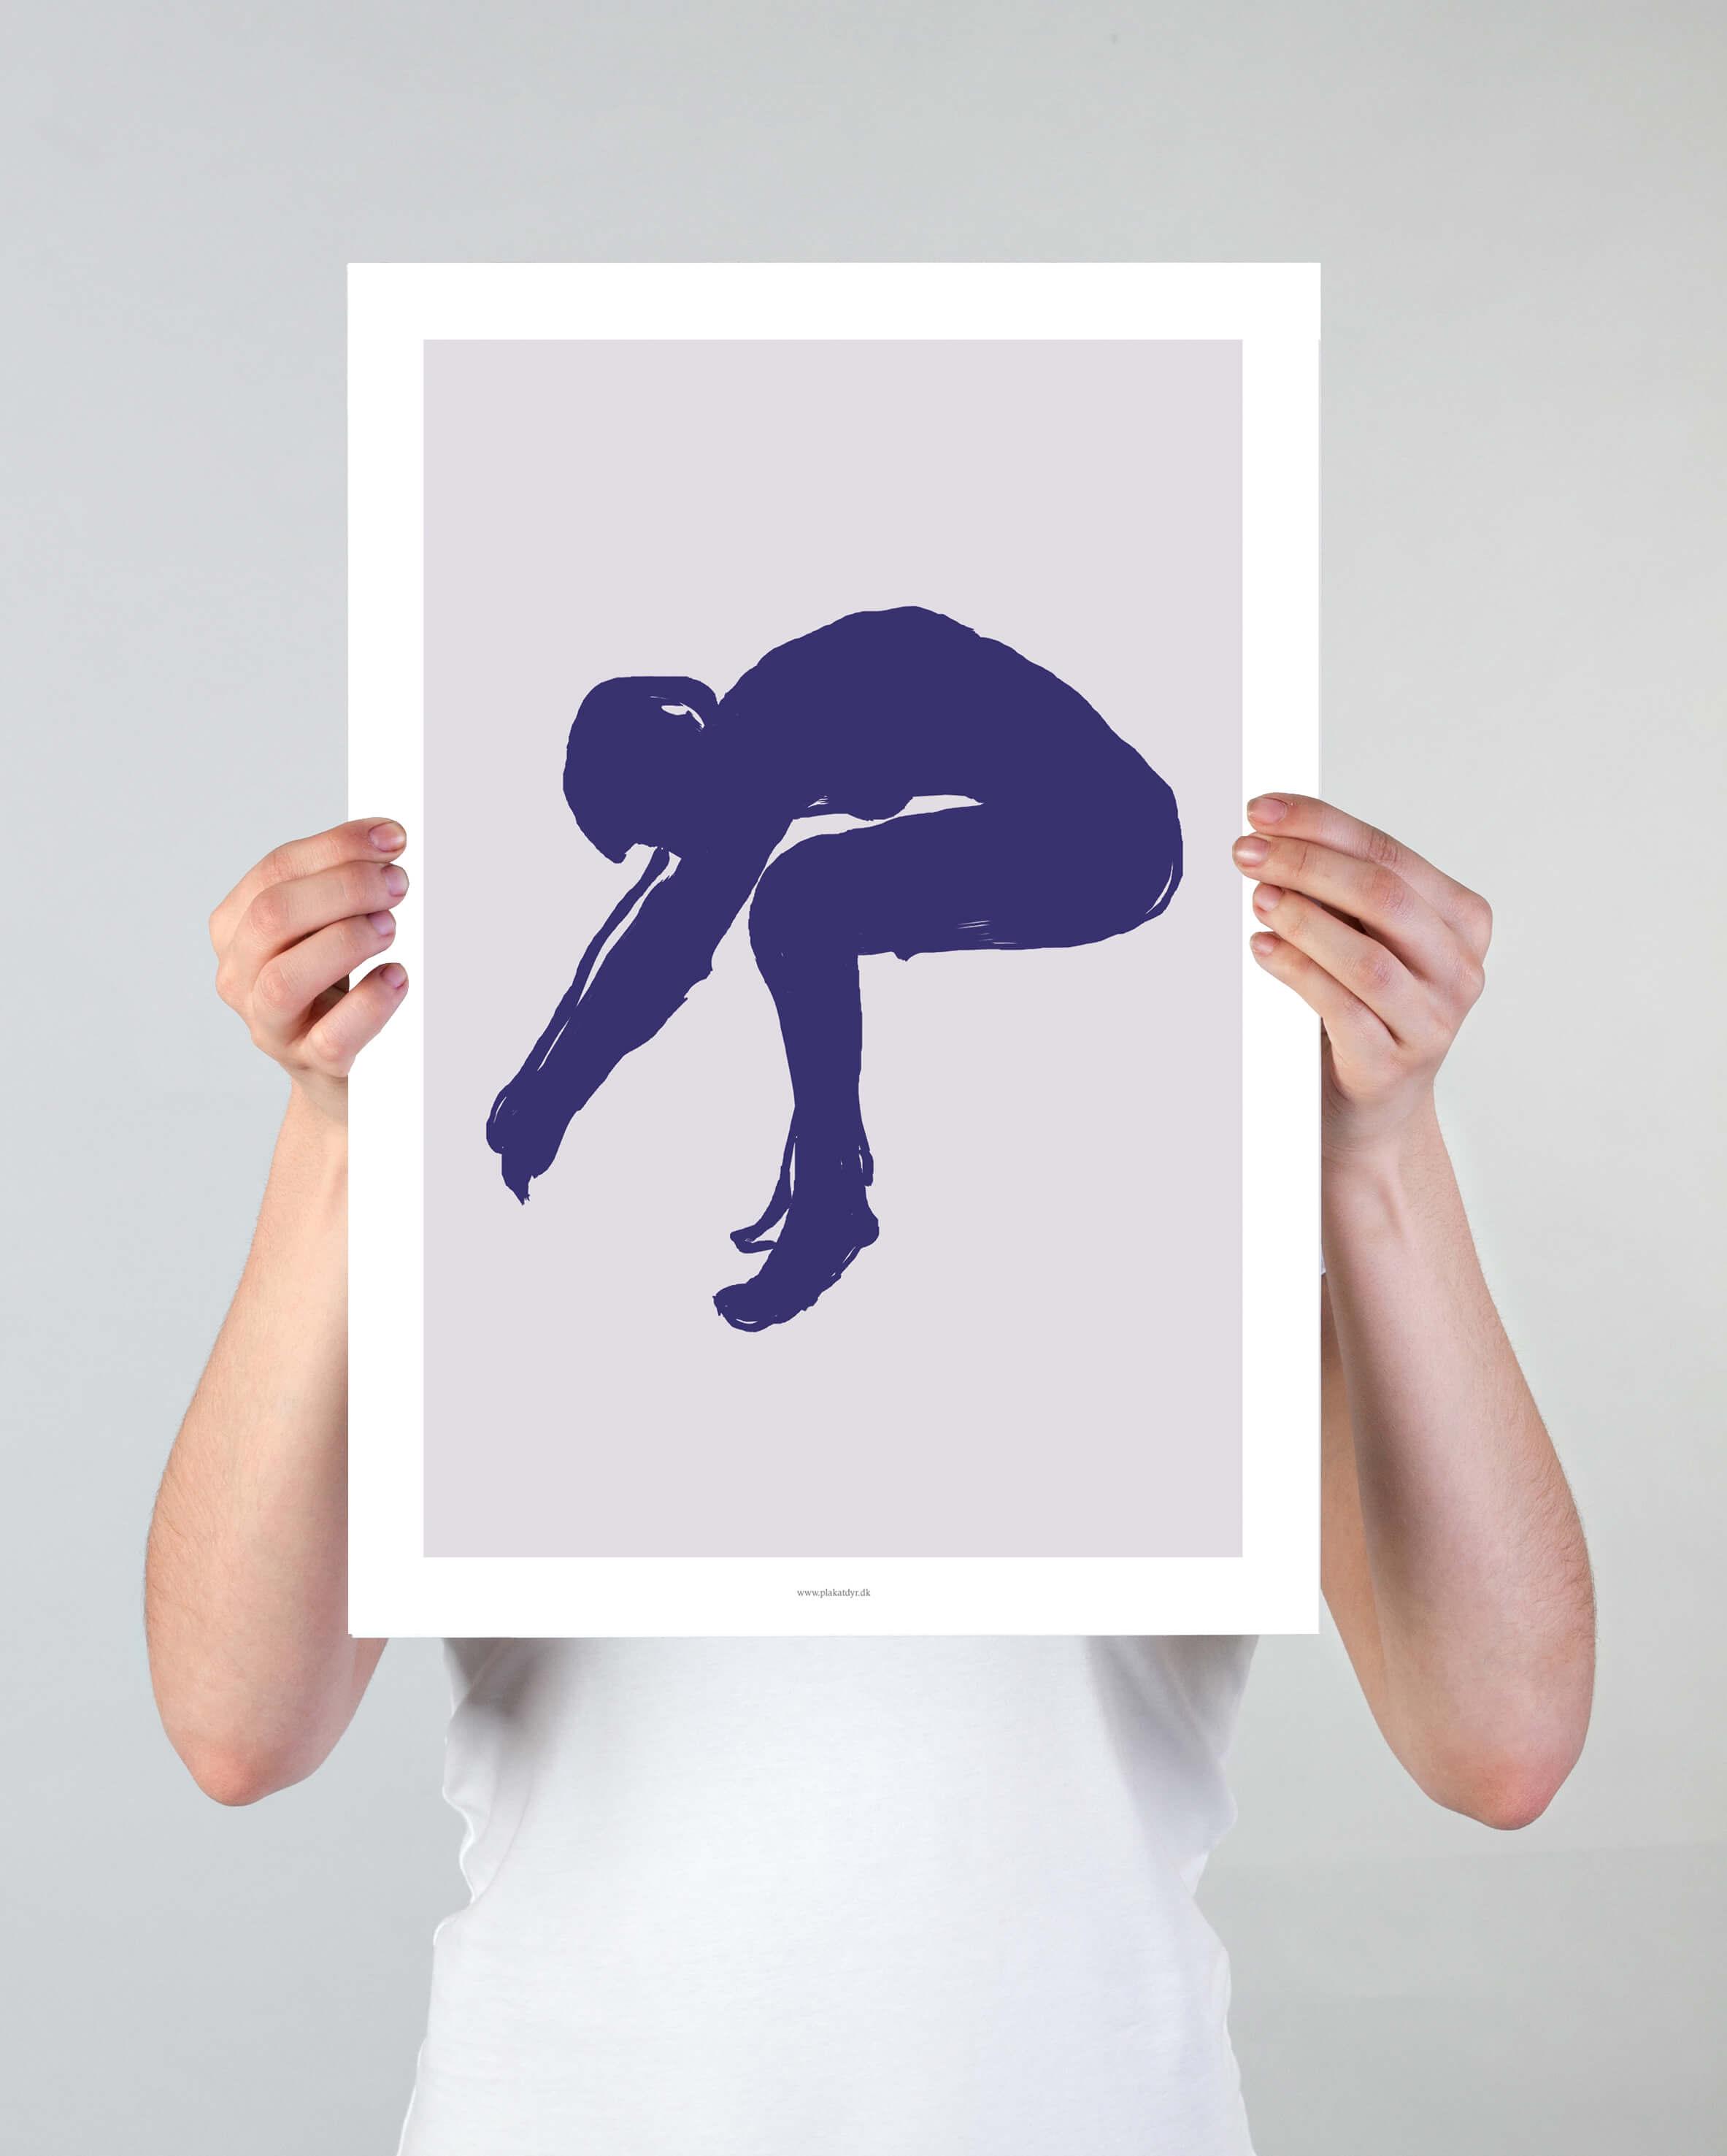 udspring-plakat-graa-3